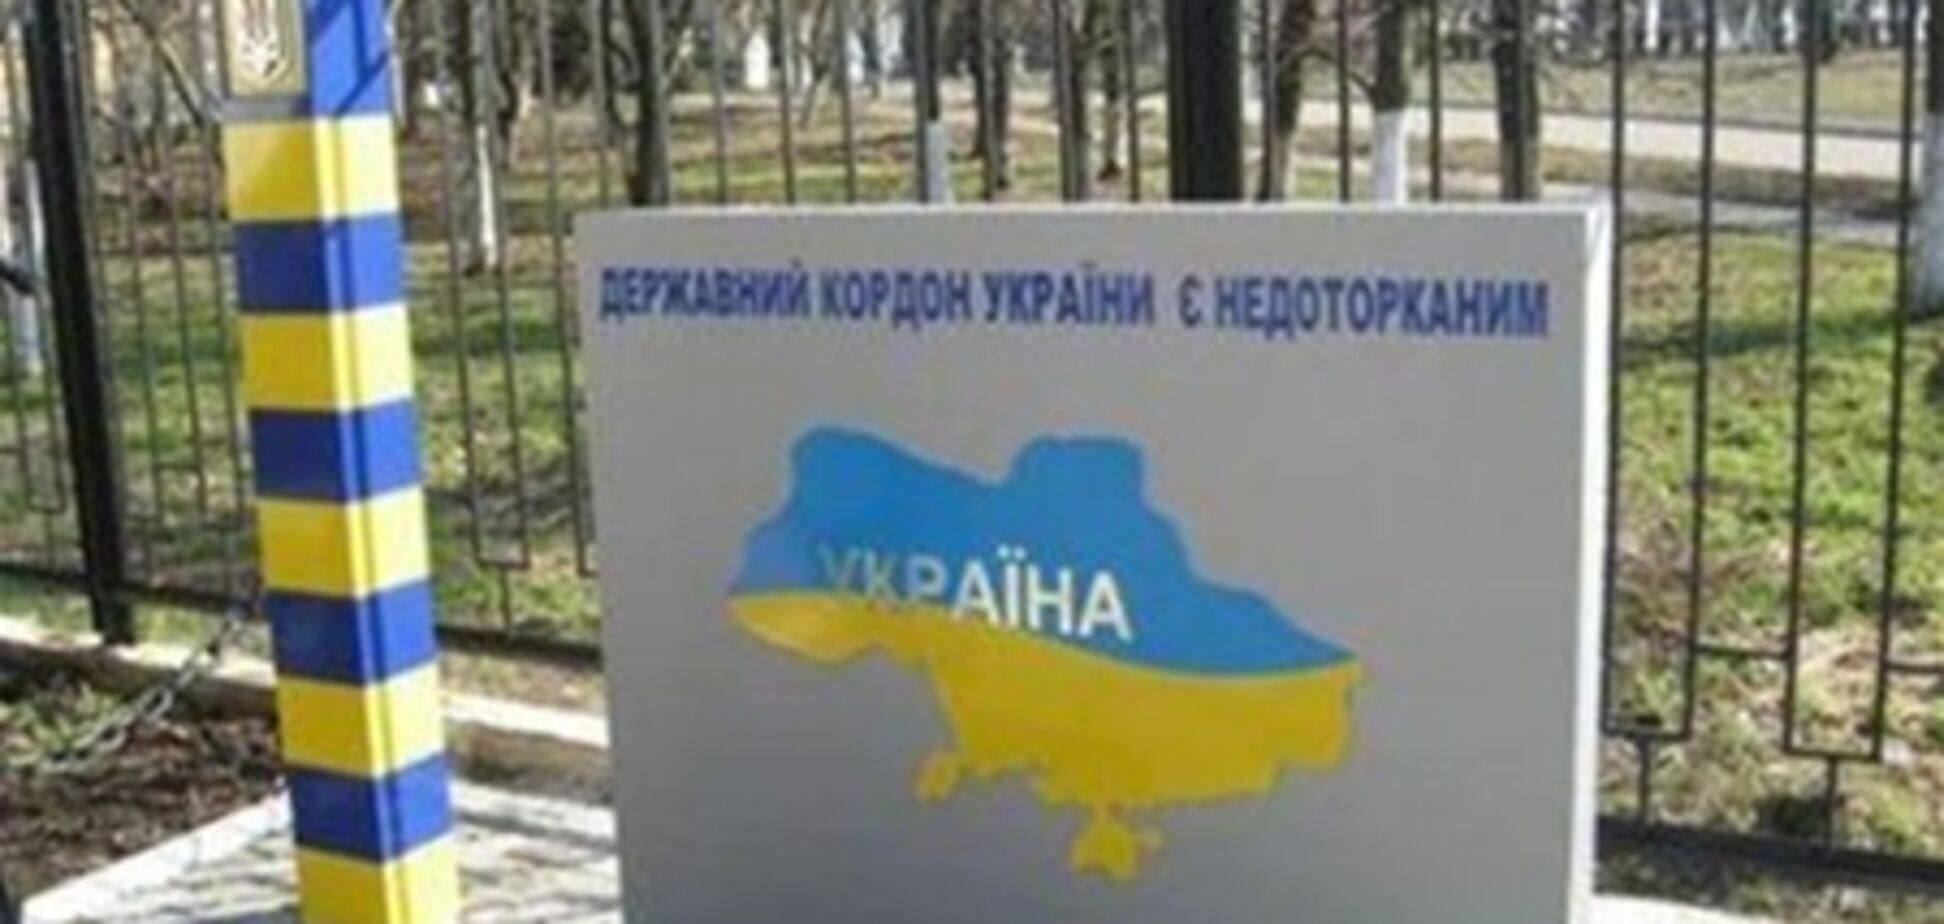 Неизвестные спилили указатель украинско-российской госграницы